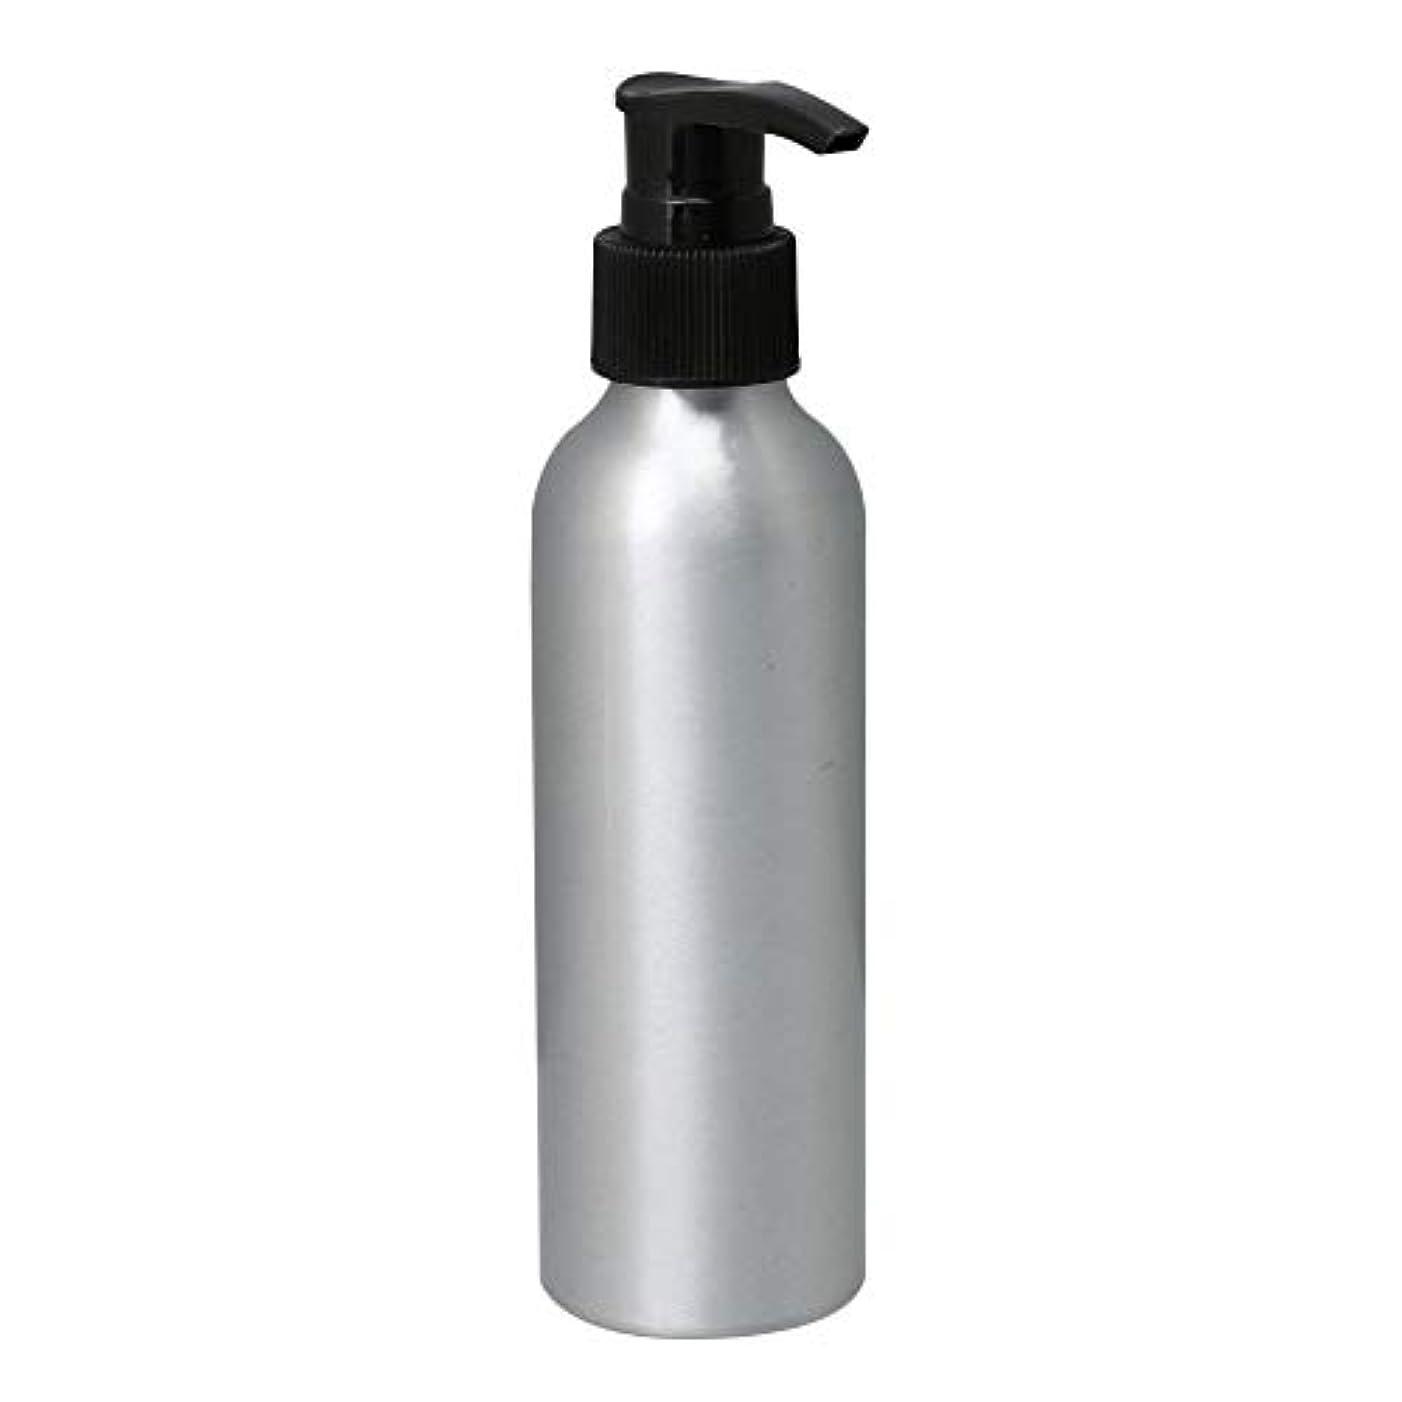 なる拒否シリンダーポンプボトル 150ml コスメ用詰替え容器 詰め替え用ボトル アルミボトル 繰り返し使用 噴霧器 アルミボトル 黒ポンプヘッド